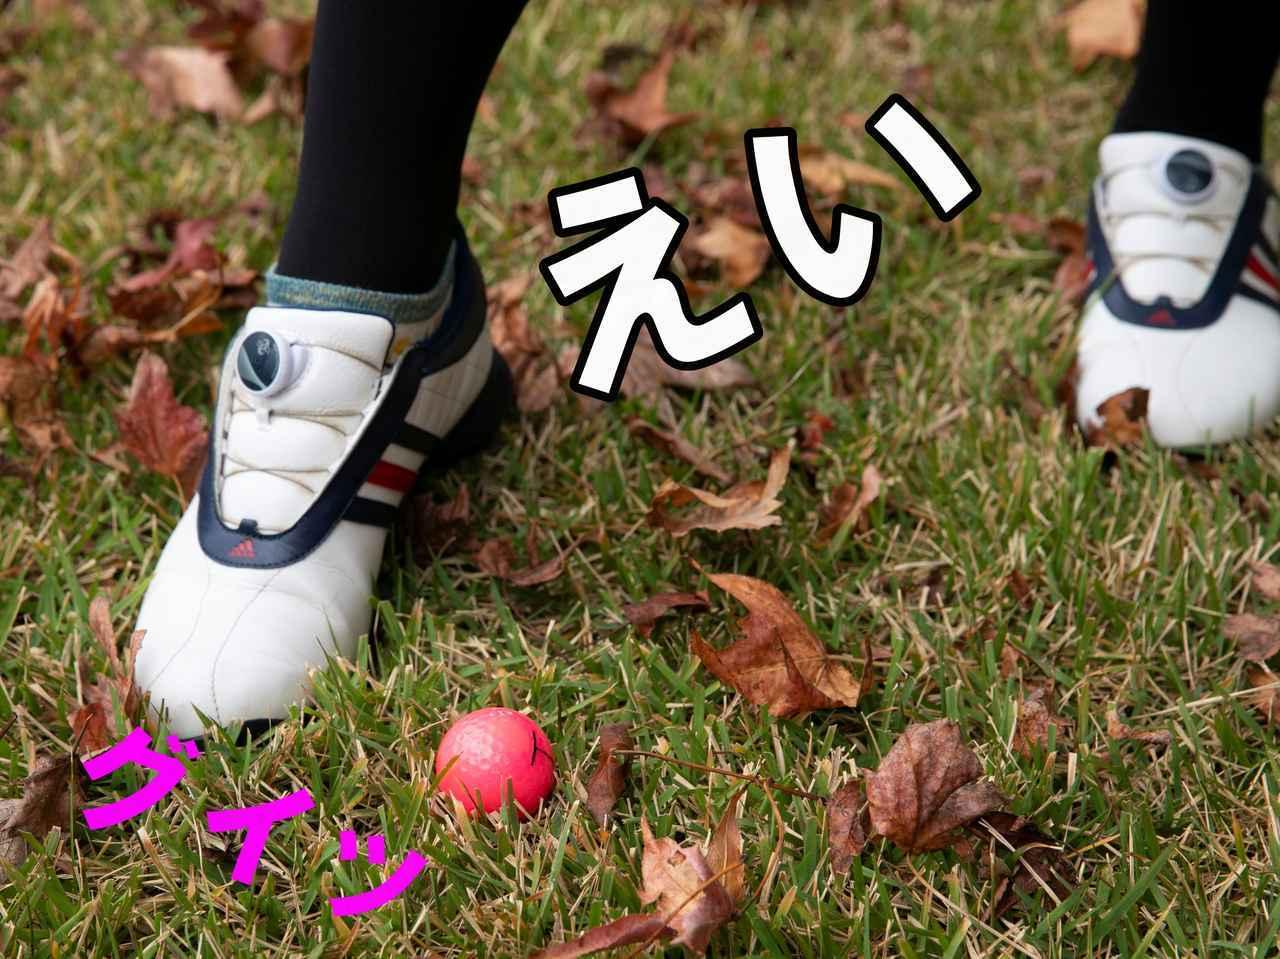 画像2: 【ルール】ボールの手前の地面を踏んだけど、これってペナルティあり?